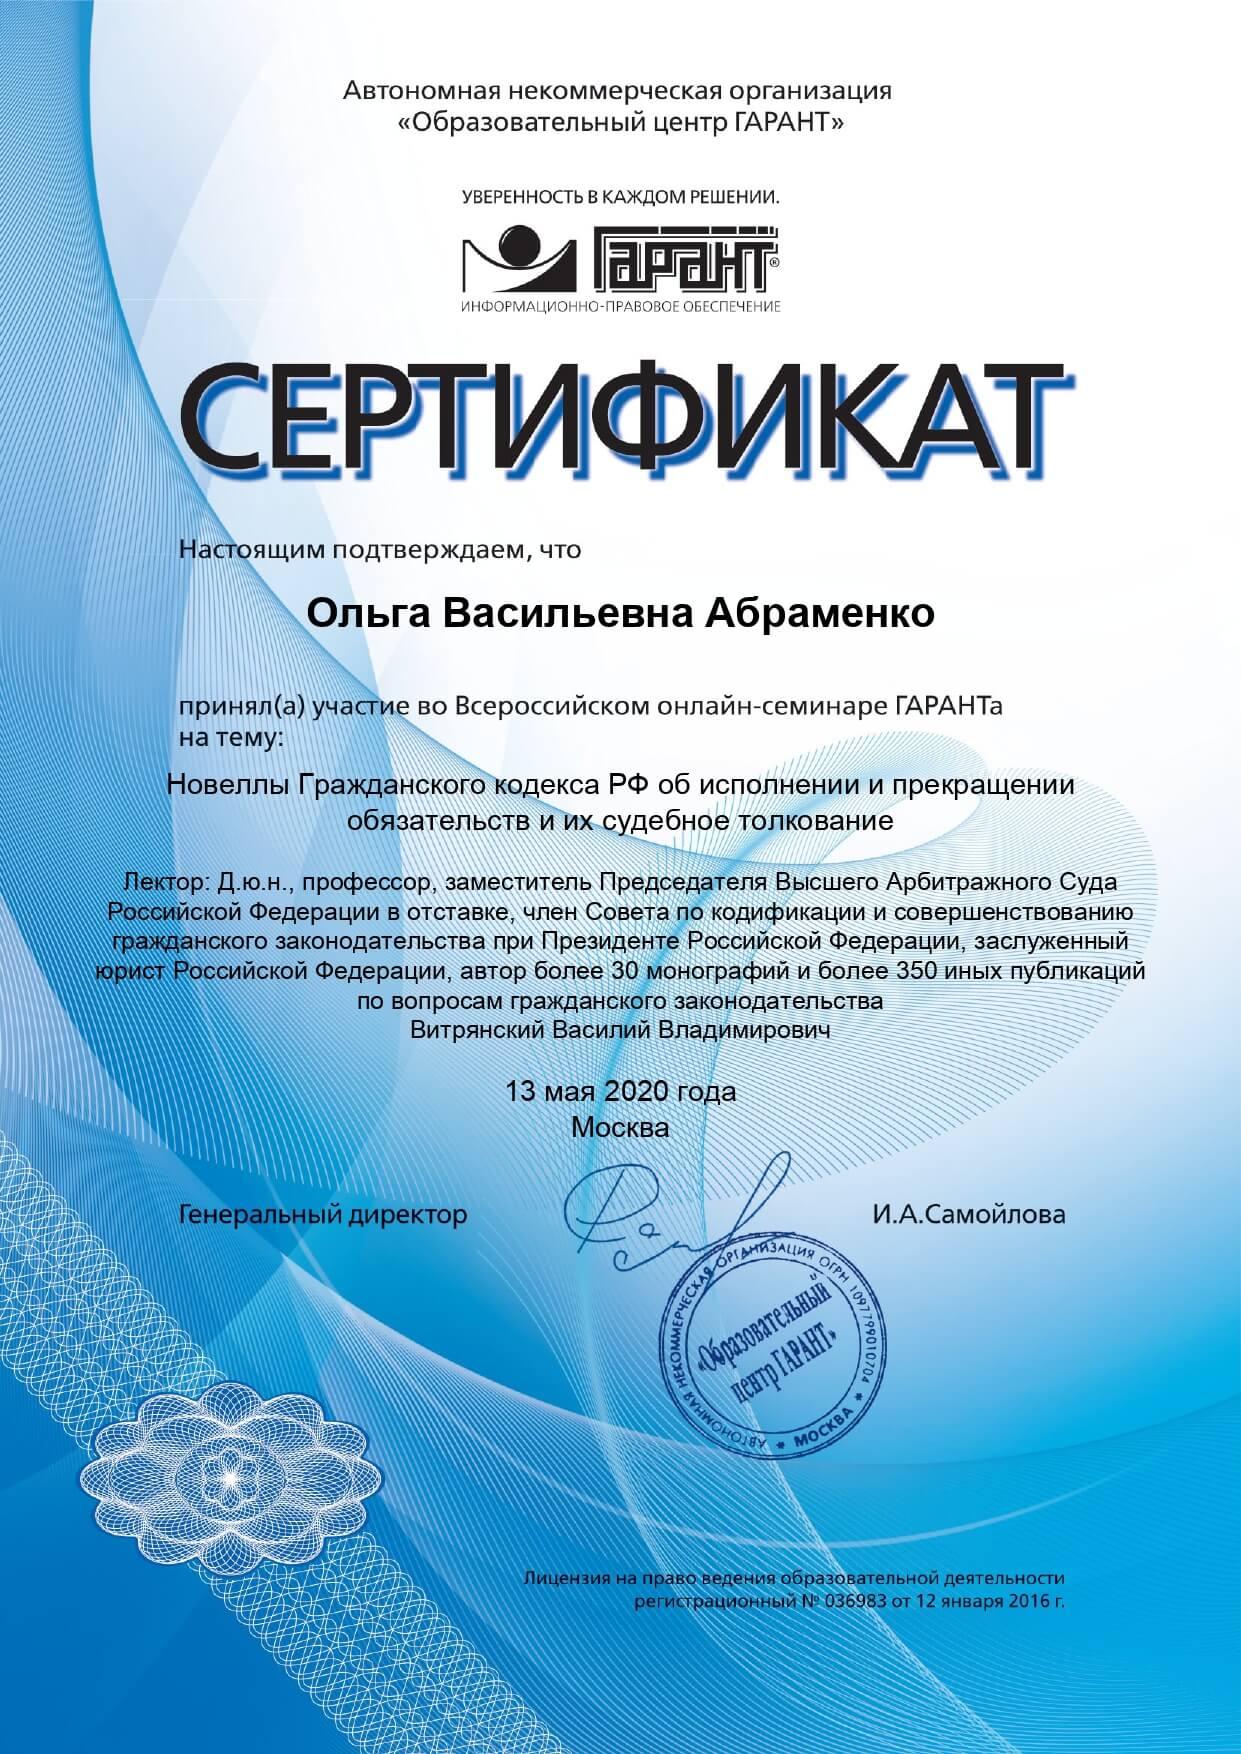 Новеллы Гражданского кодекса РФ об исполнении и прекращении обязательств и их судебное толкование